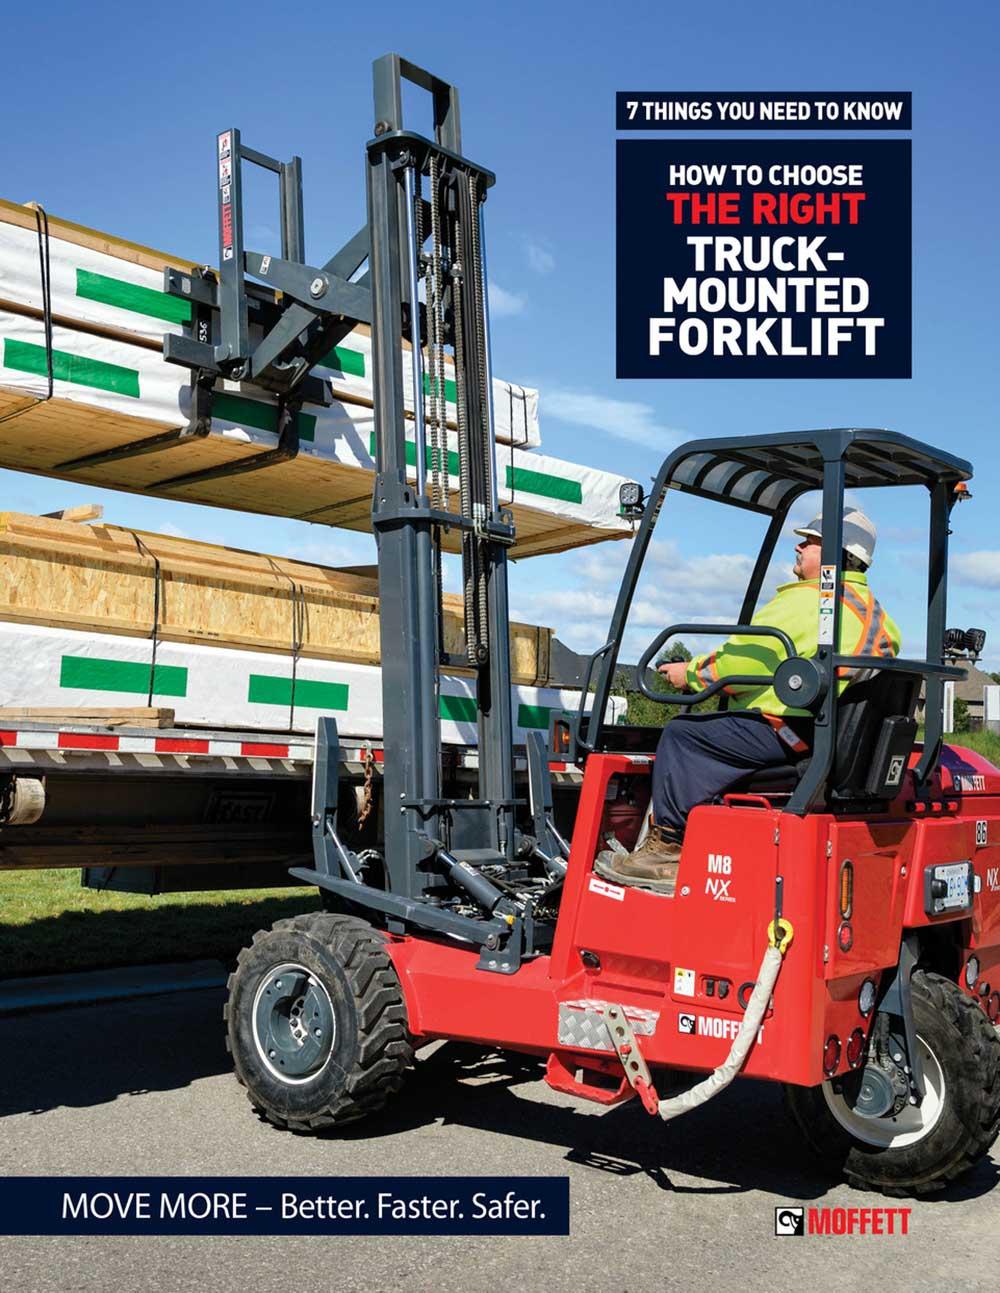 Forklift ebook cover